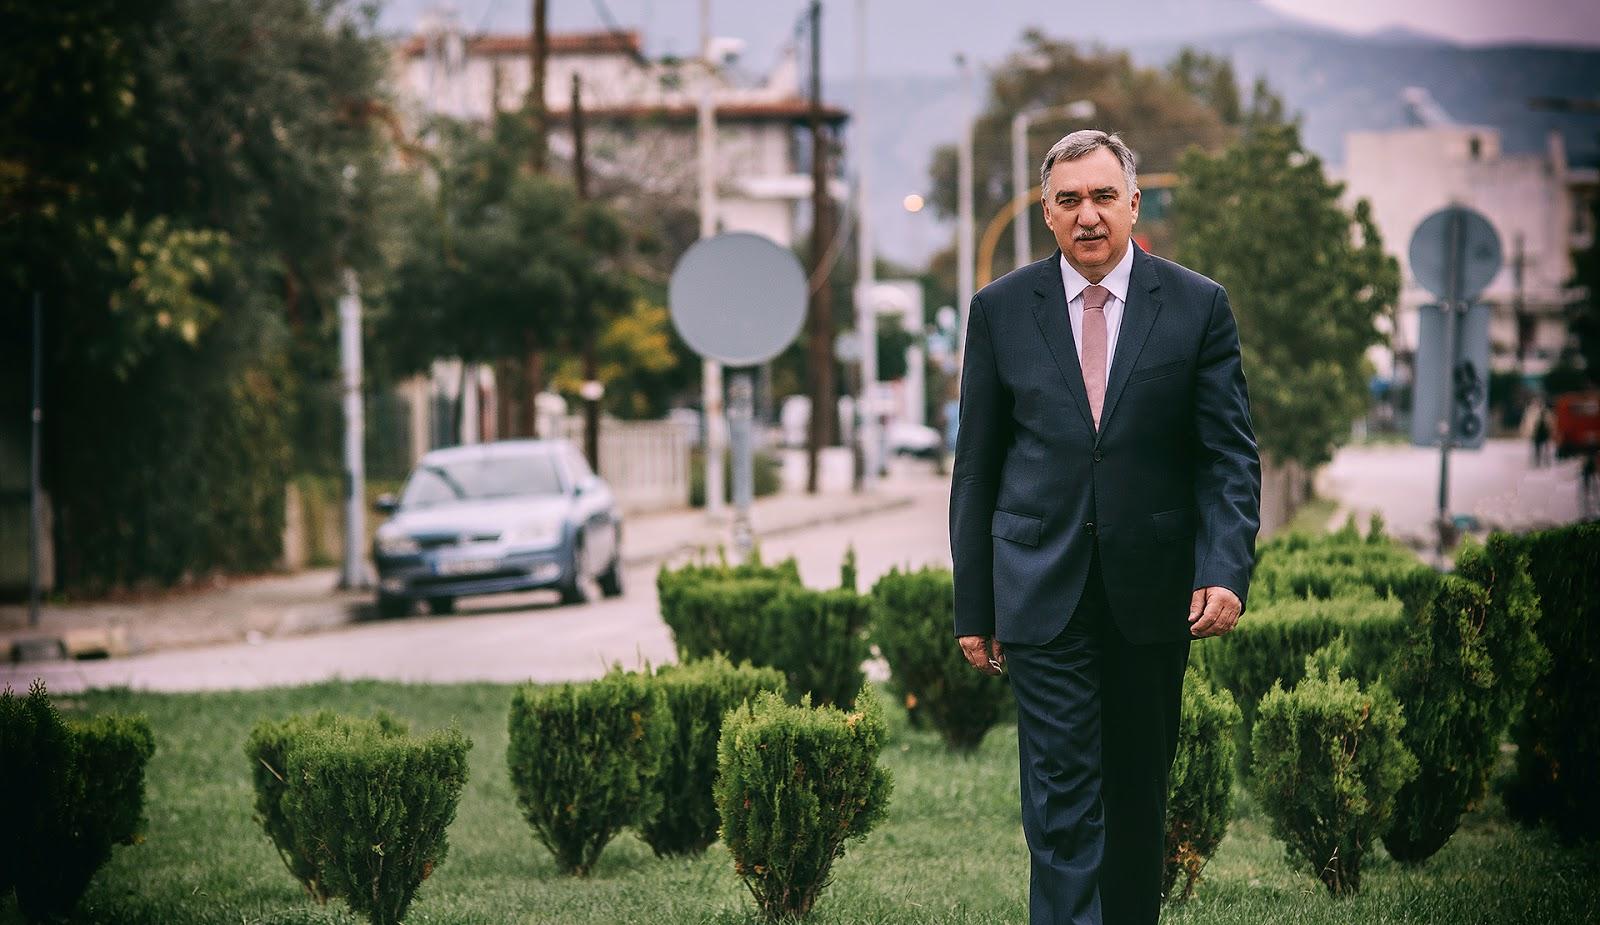 Δήμαρχος Λαμίας - Θύμιος Καραΐσκος: Μέτρα στήριξης σε επαγγελματίες και τοπικές επιχειρήσεις